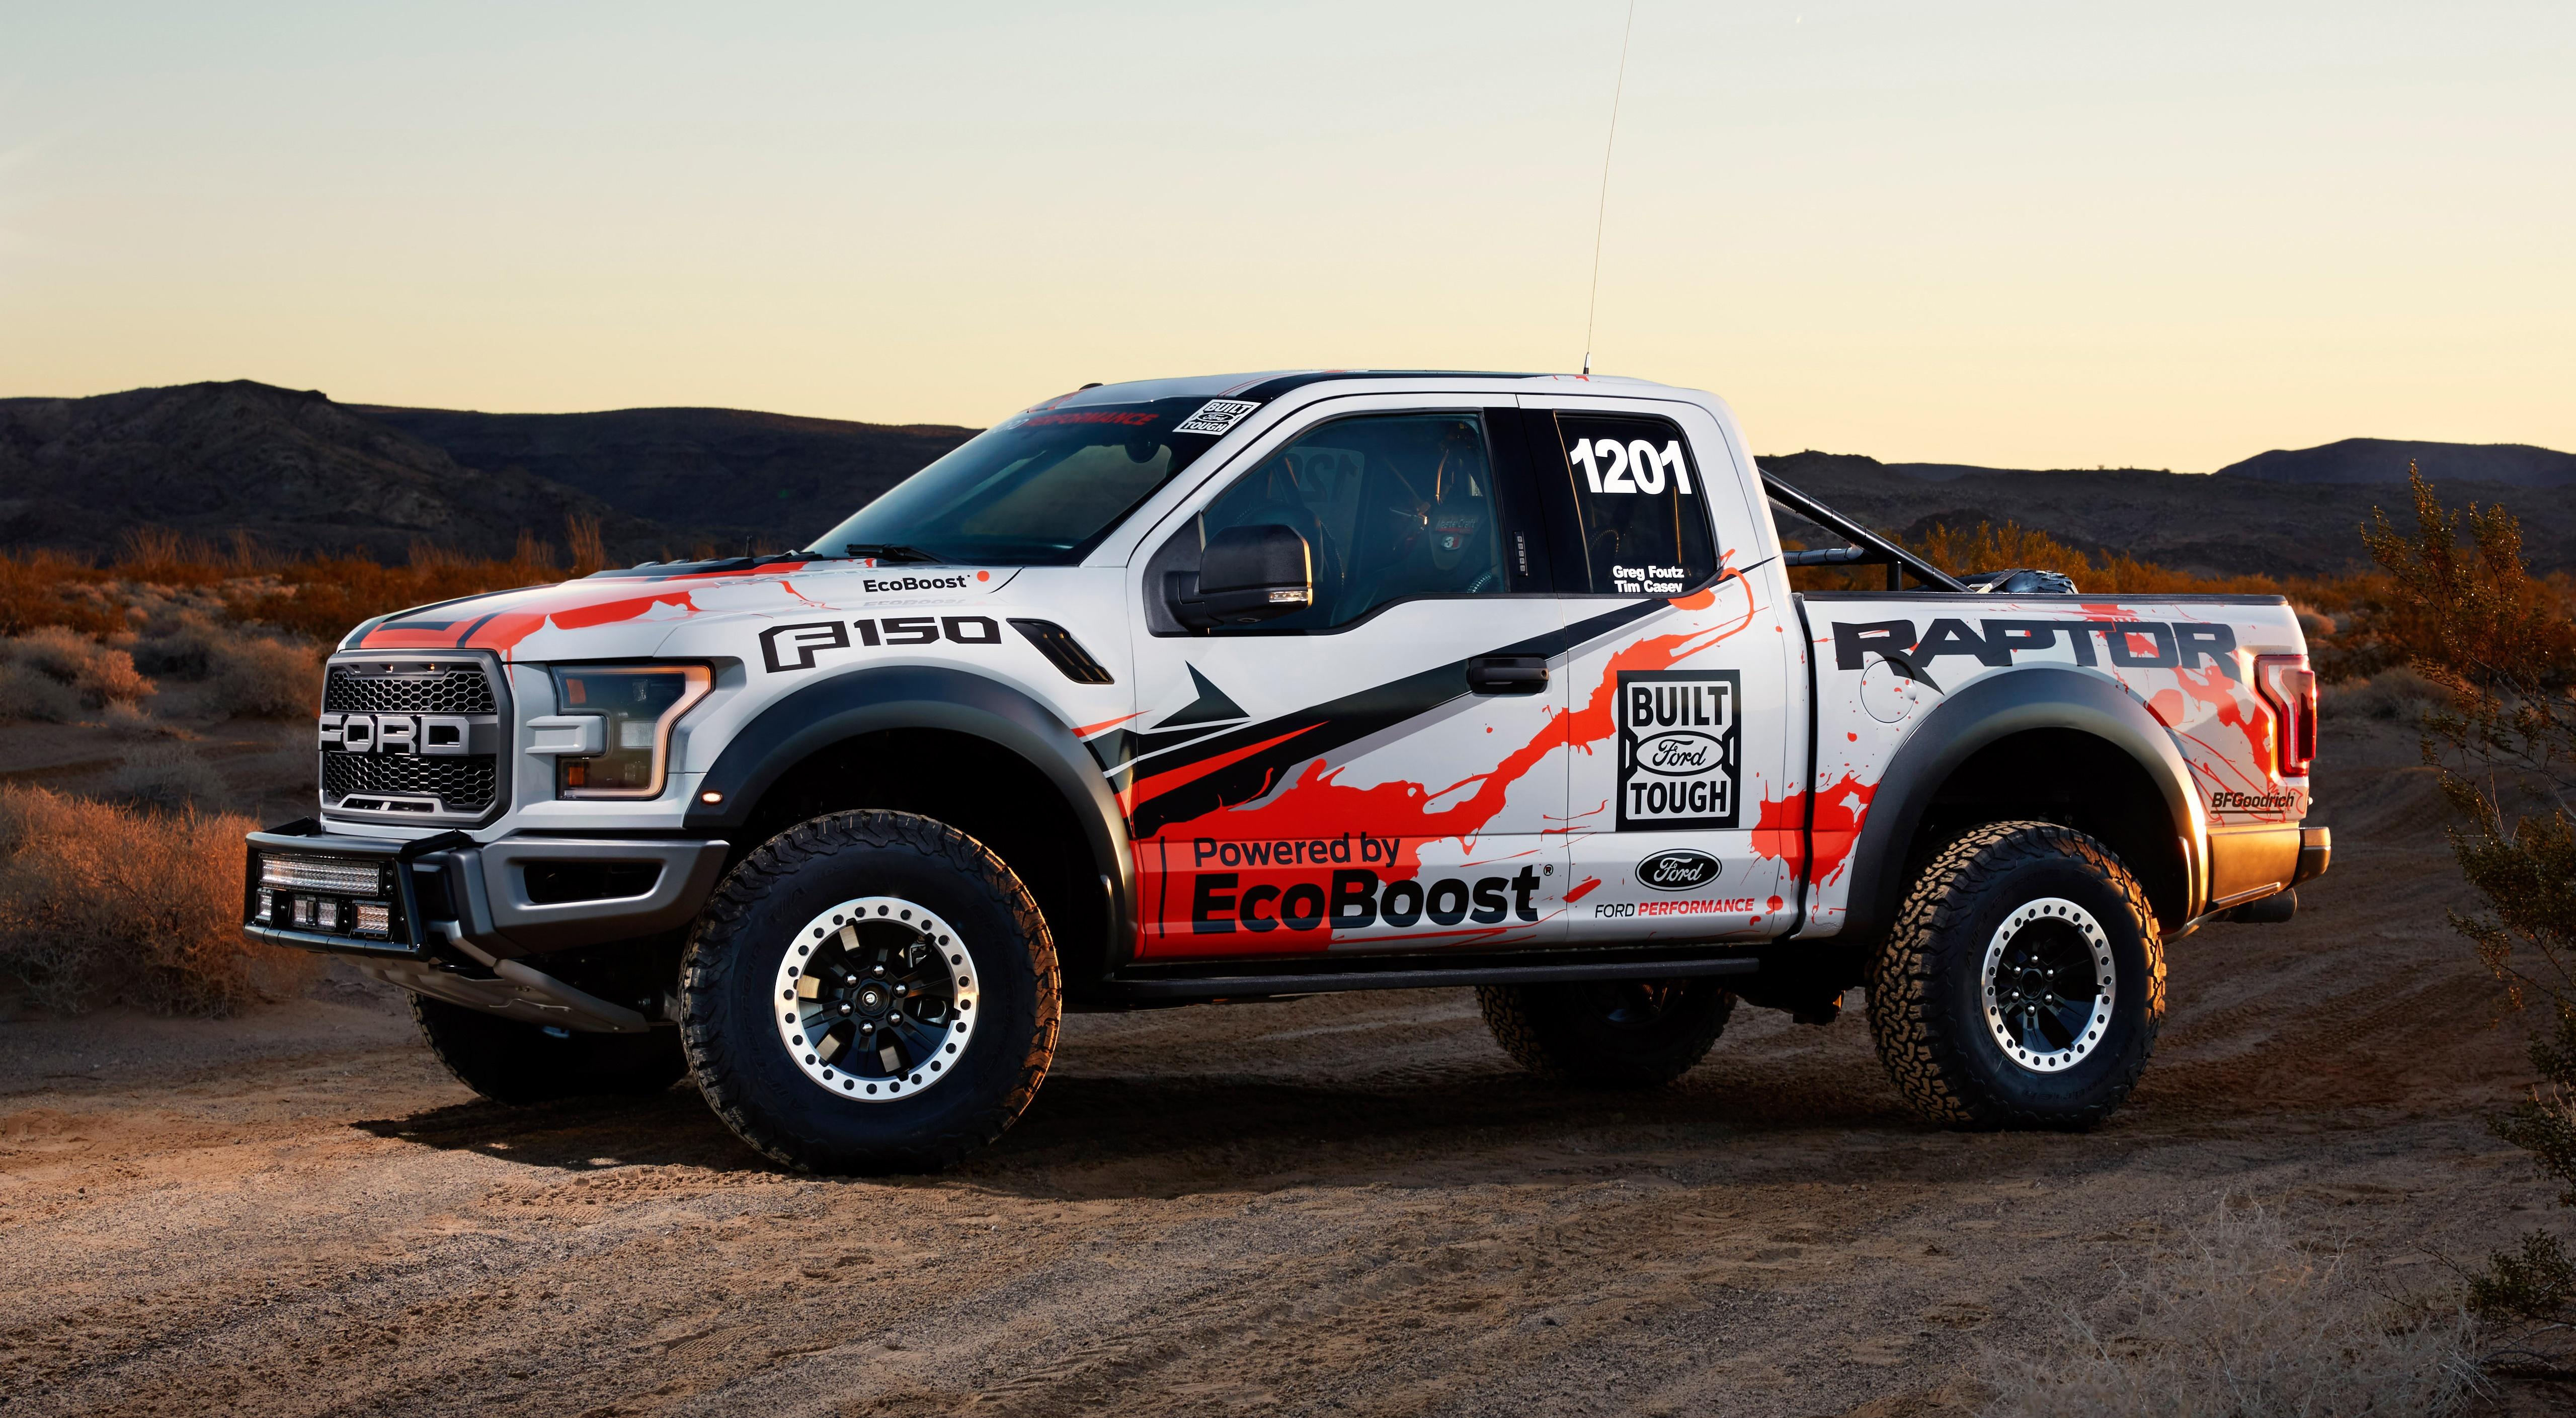 Картинка Форд F-150, Raptor, Race Truck, 2016 Пикап кузов Сбоку Автомобили 5120x2819 Ford авто машины машина автомобиль